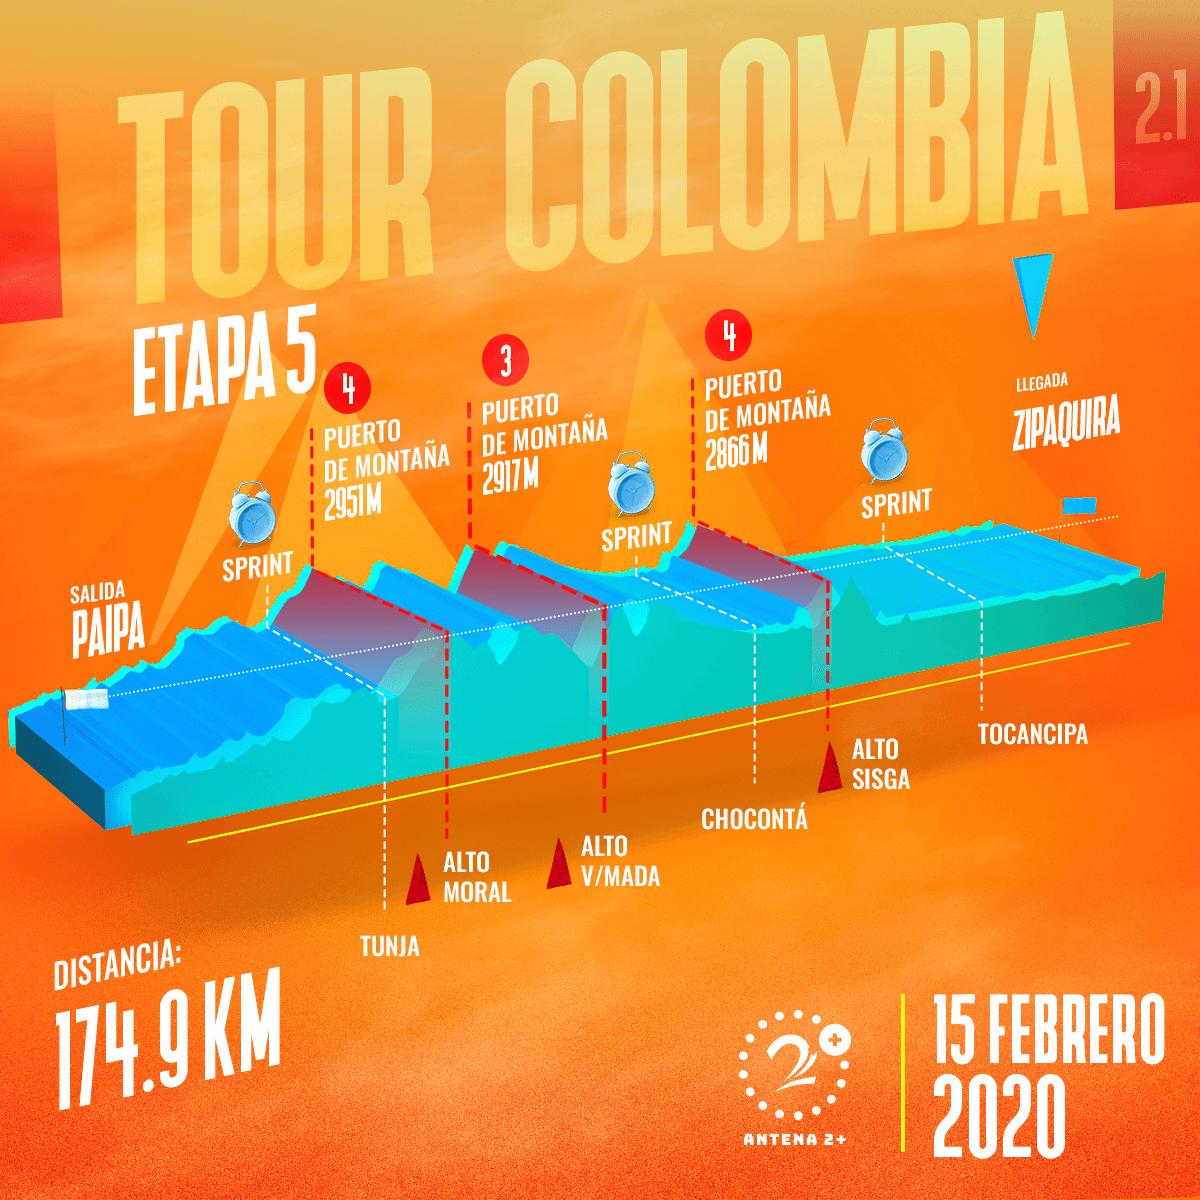 Tour Colombia 2020, etapa 5